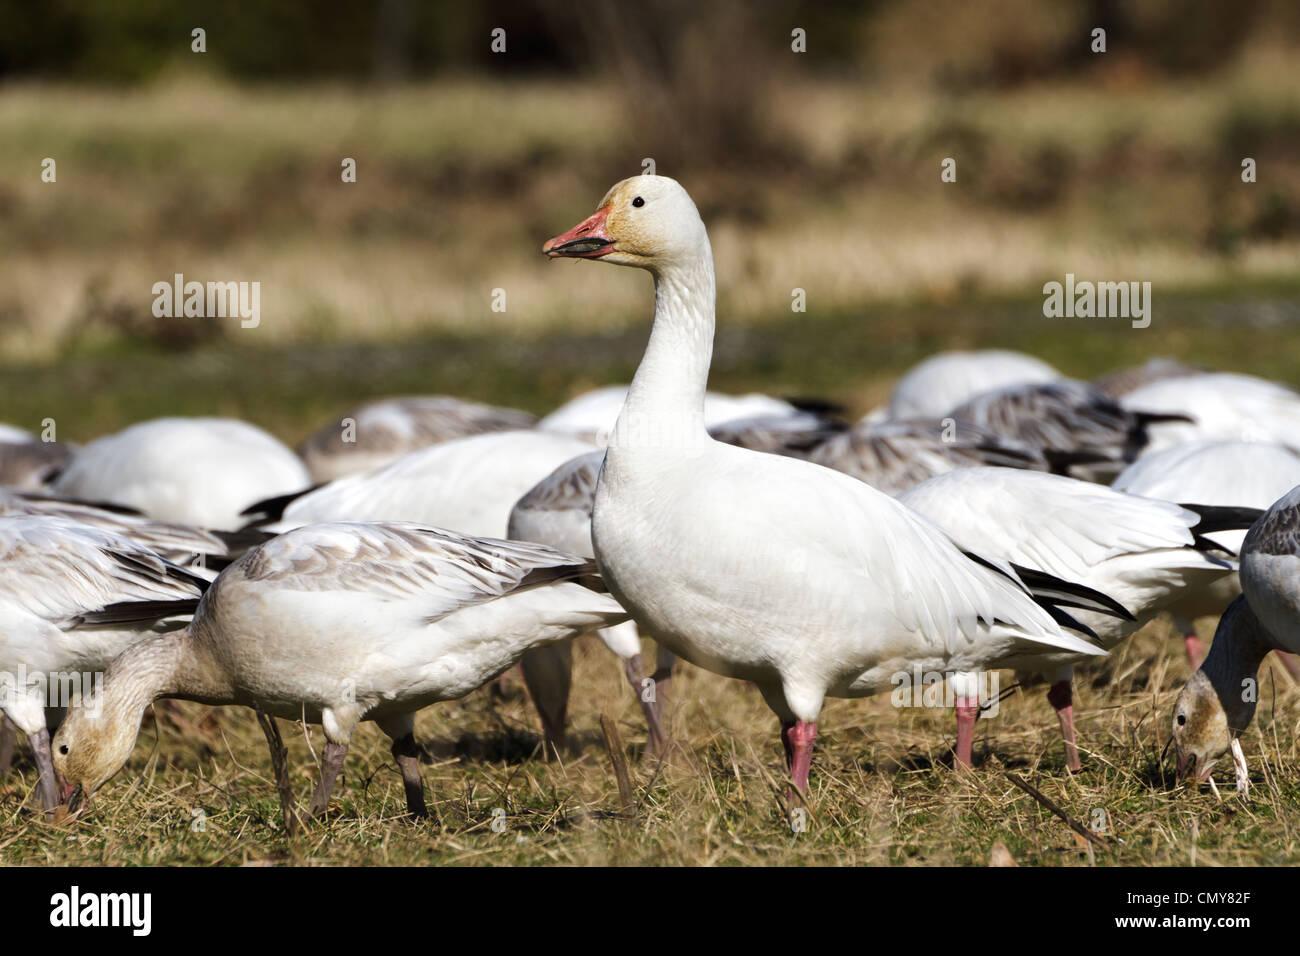 Snow Goose, migratory bird close up shot - Stock Image